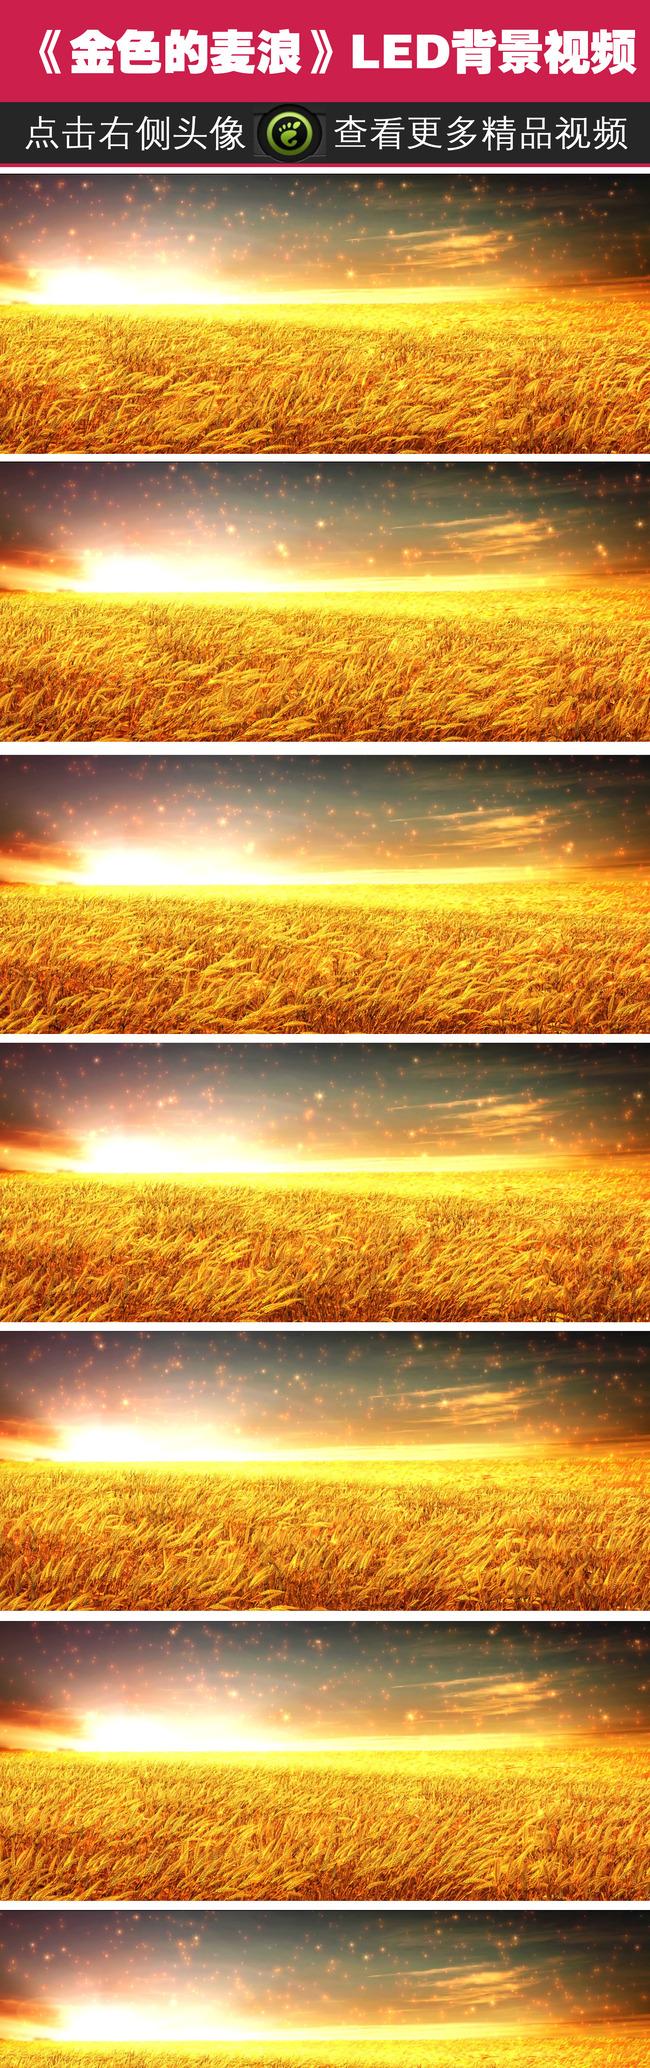 歌曲《风吹麦浪》舞台led背景视频